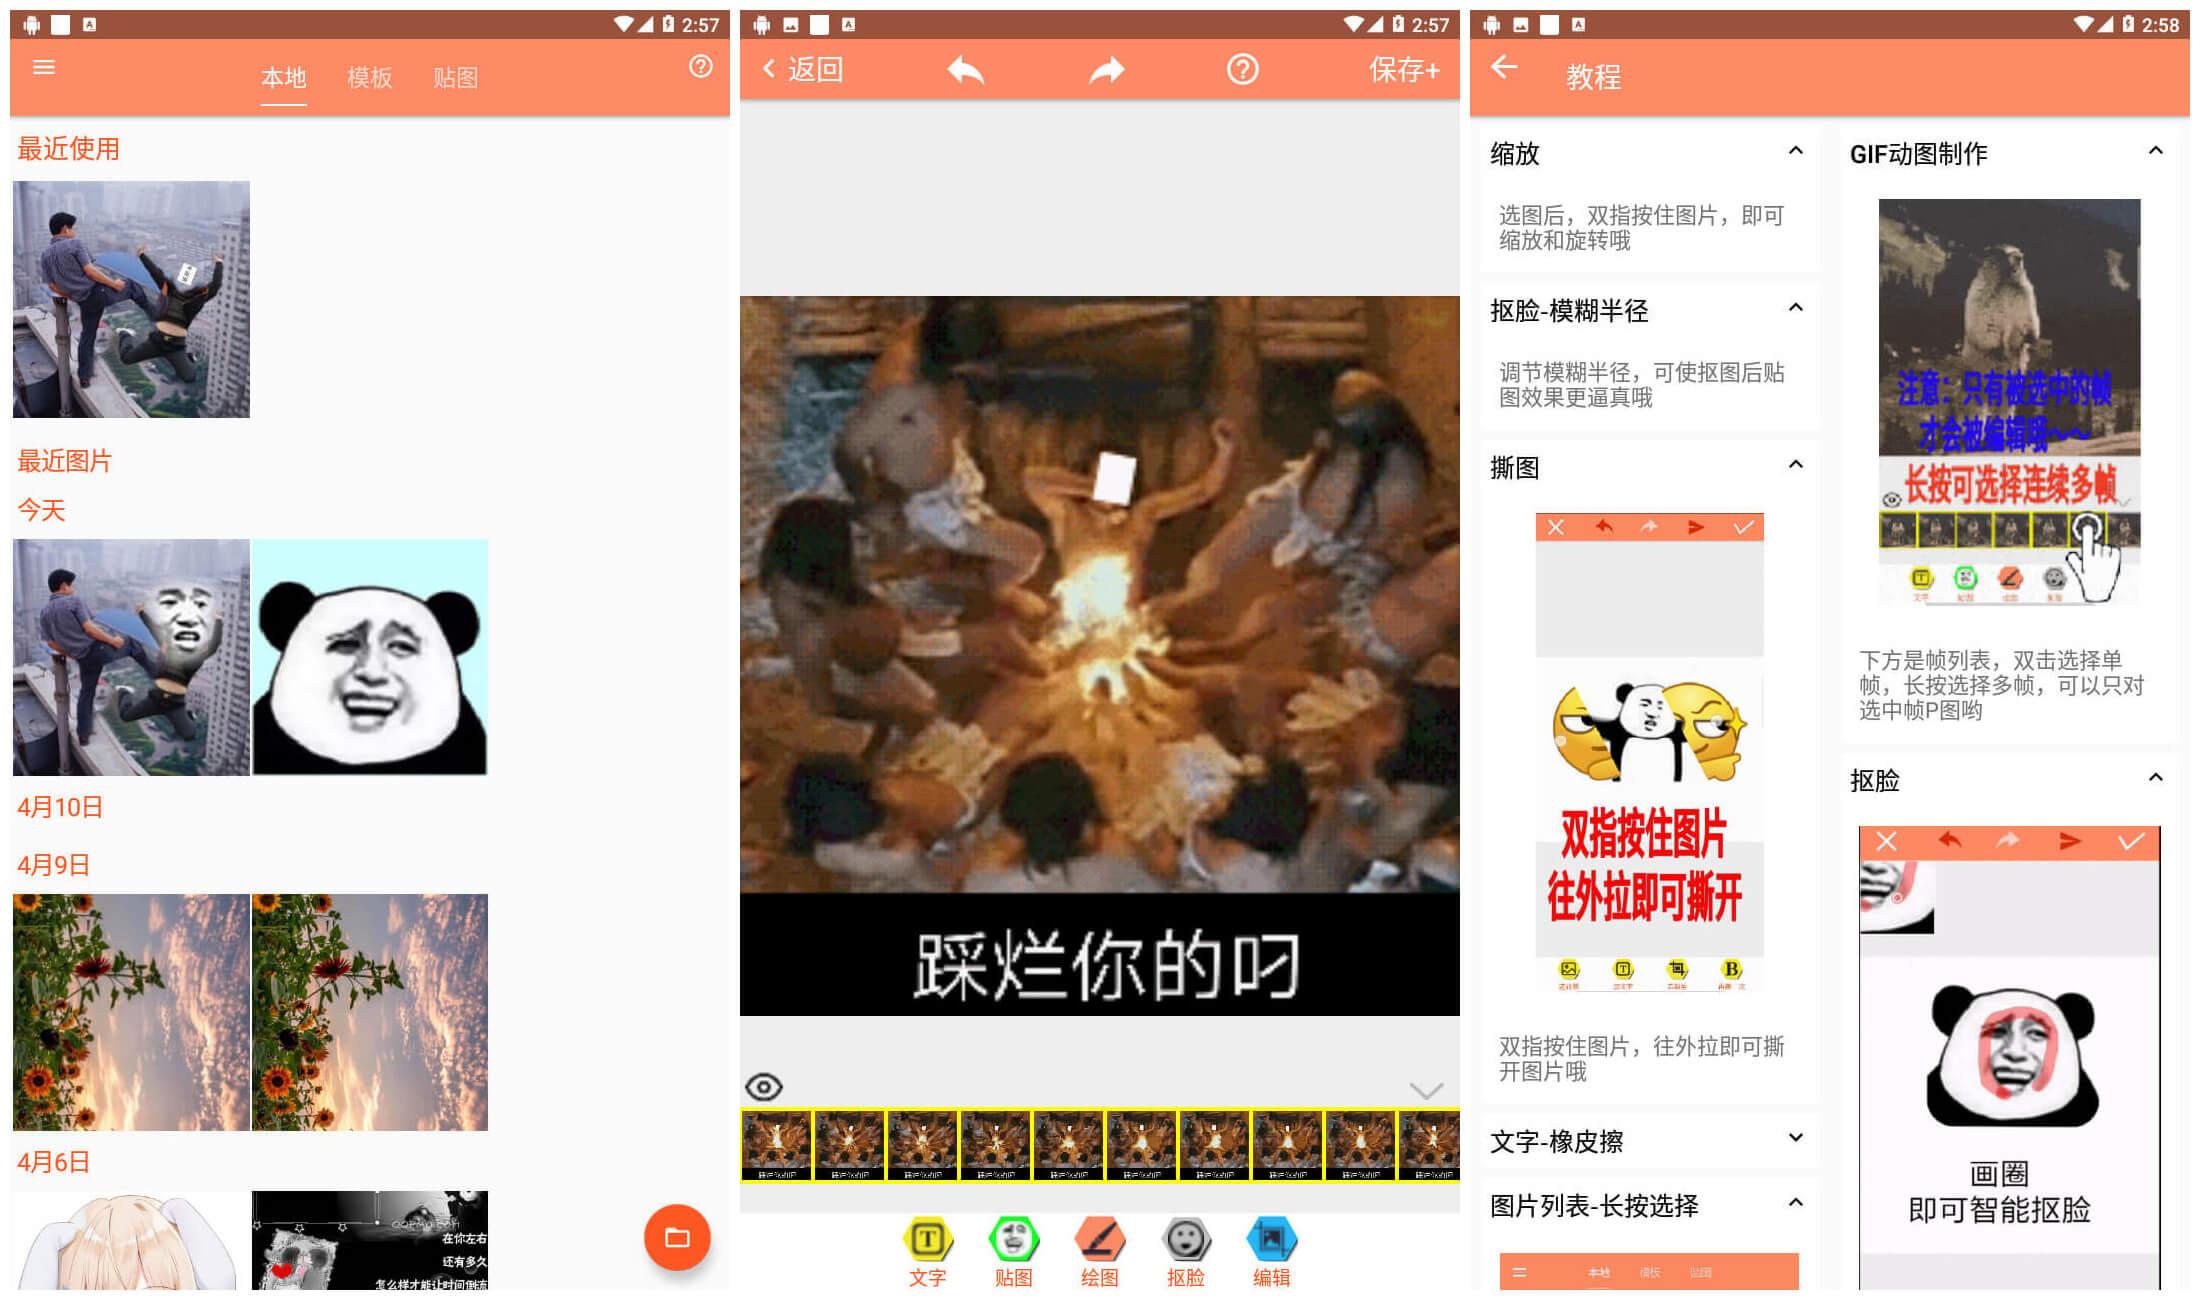 制作暴走表情包的手机软件,U786bf4b6b9b74be18cf8099a82d6f3f9C.jpg,第1张